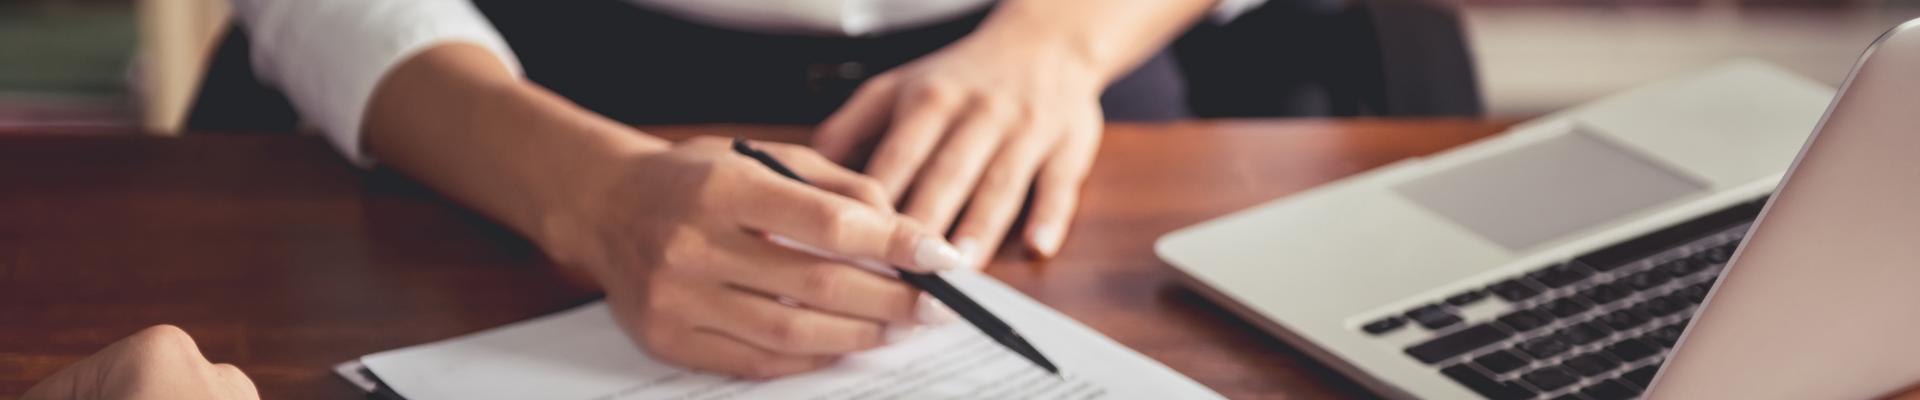 STUDIO Y-NIQUE | Plan intakegesprek